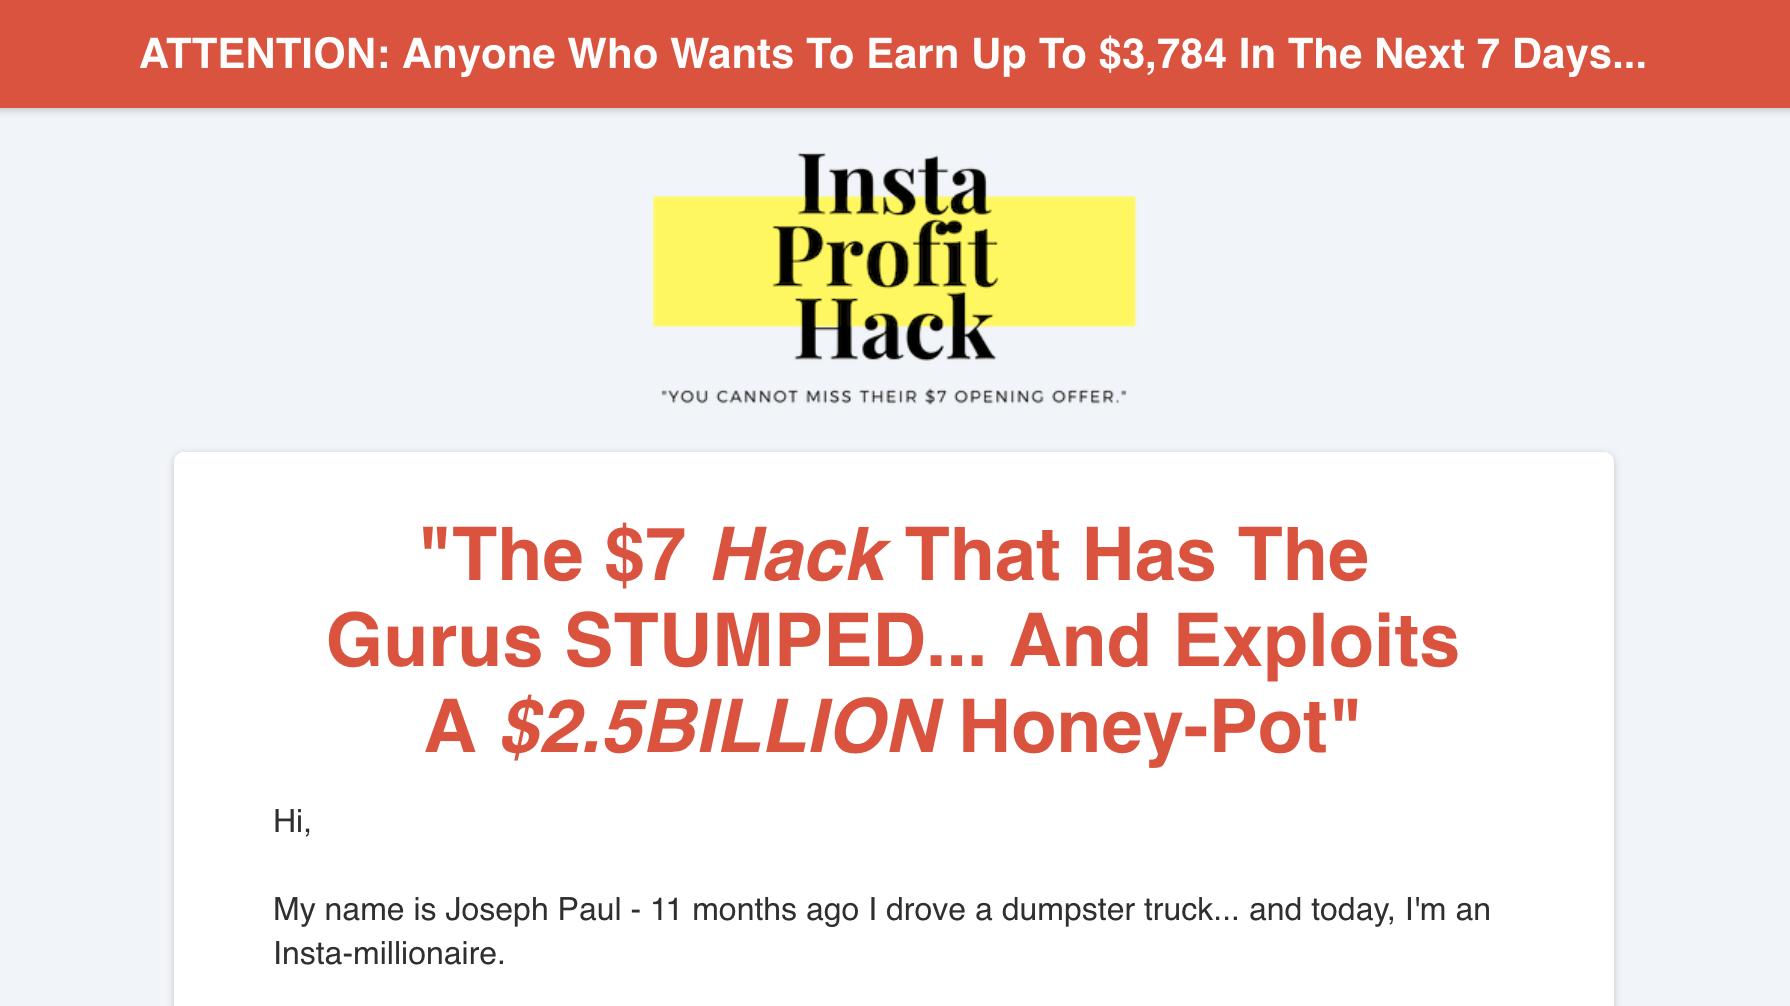 IG Profit Hack Review